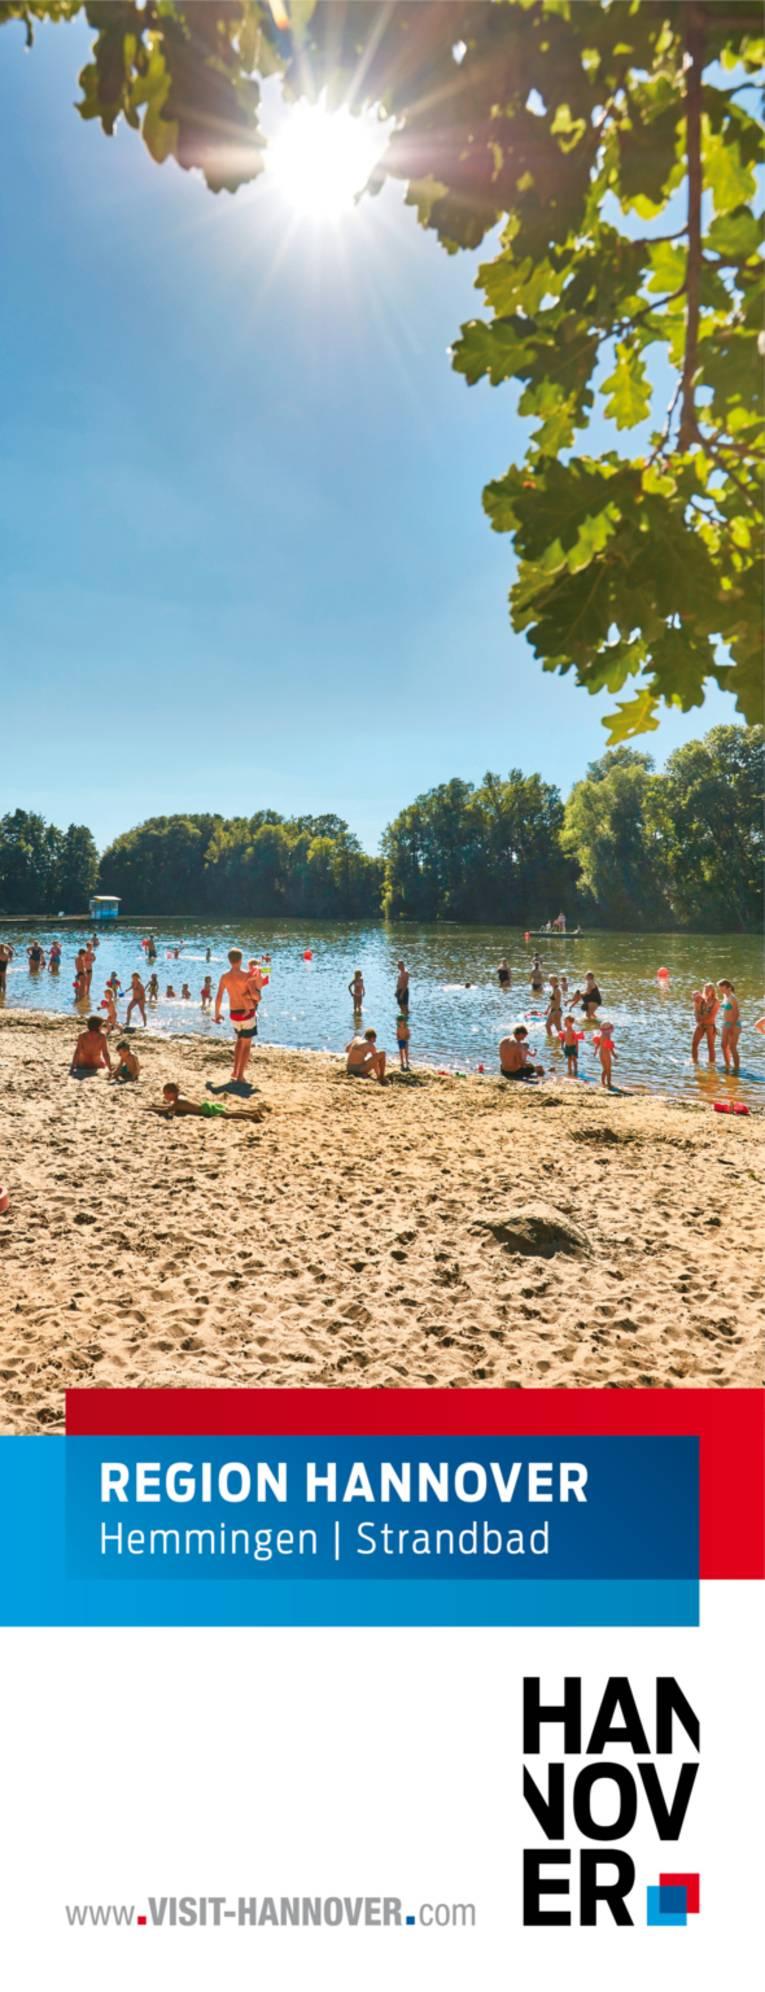 Hemmingen präsentiert sich mit einem Motiv des Strandbades.